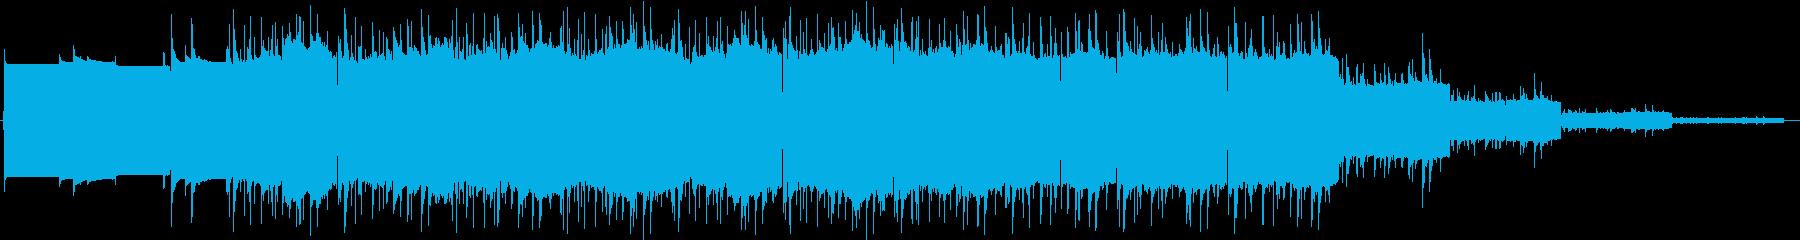 アンビエントシンセは、一種のウォー...の再生済みの波形